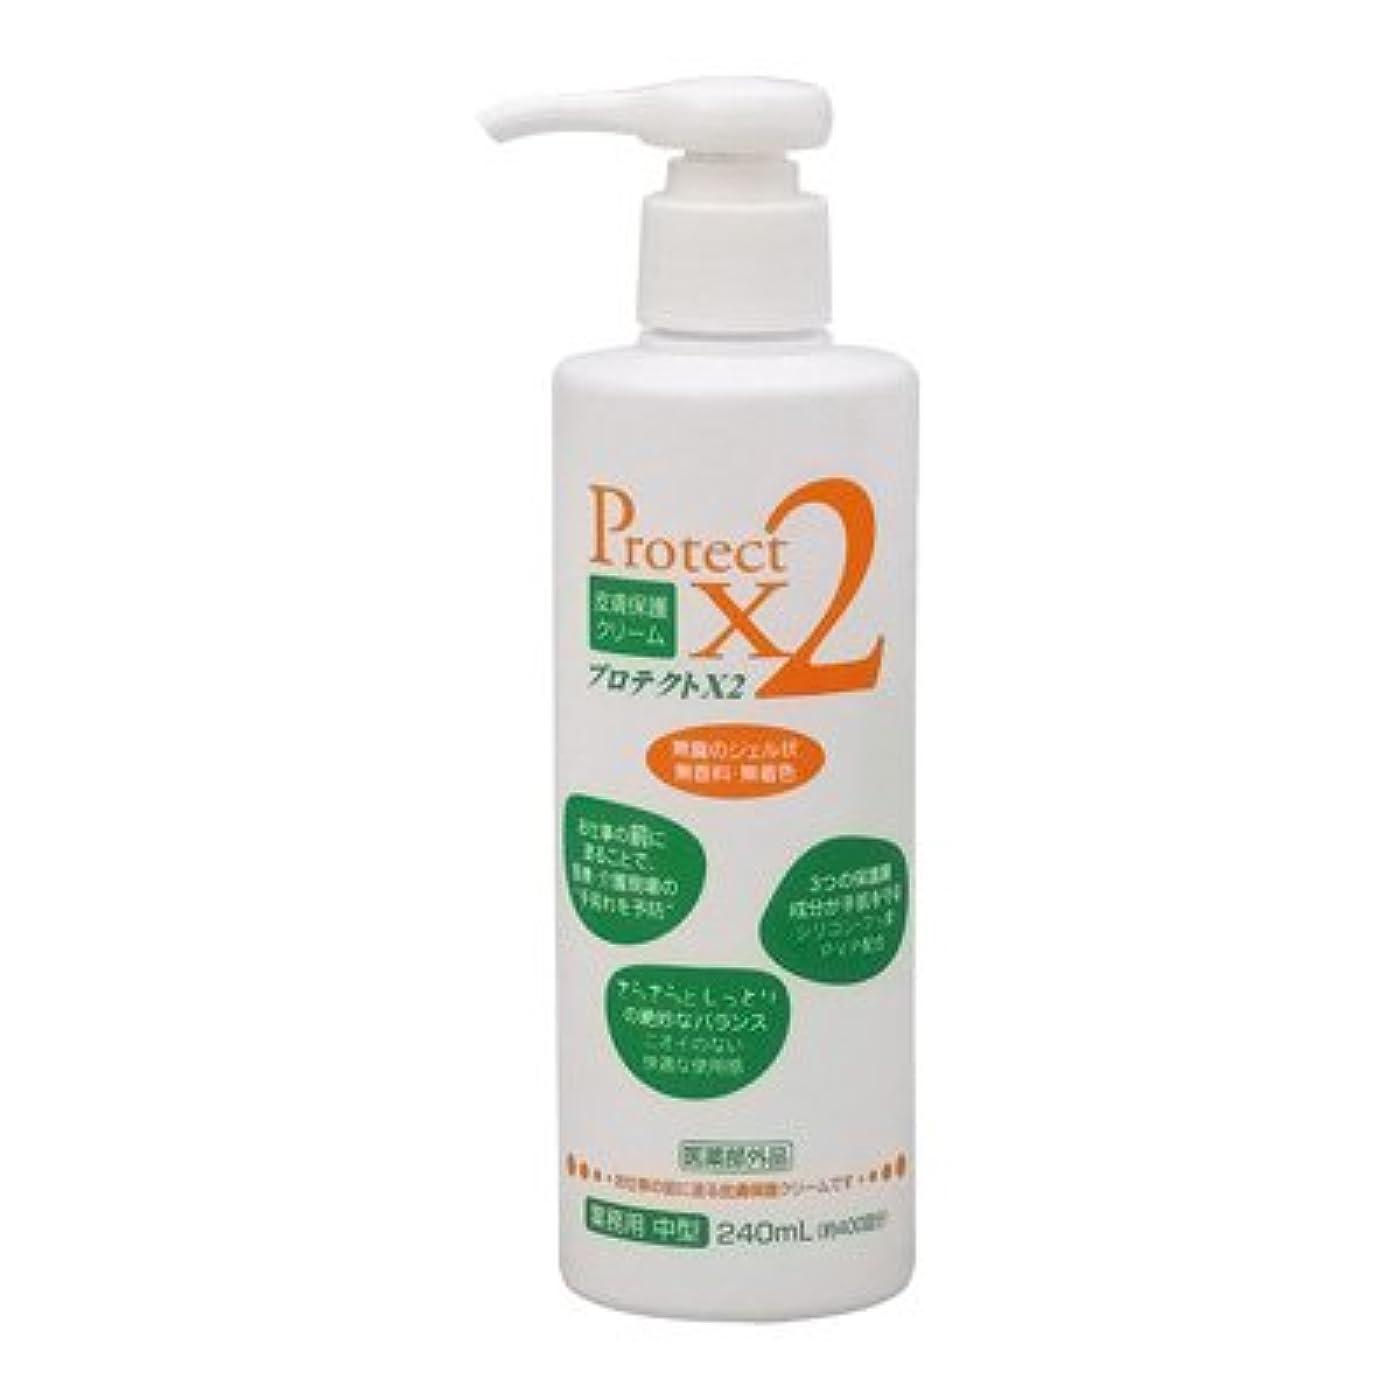 魔法ブラウズベリー皮膚保護クリーム プロテクトX2 240ml(中型)